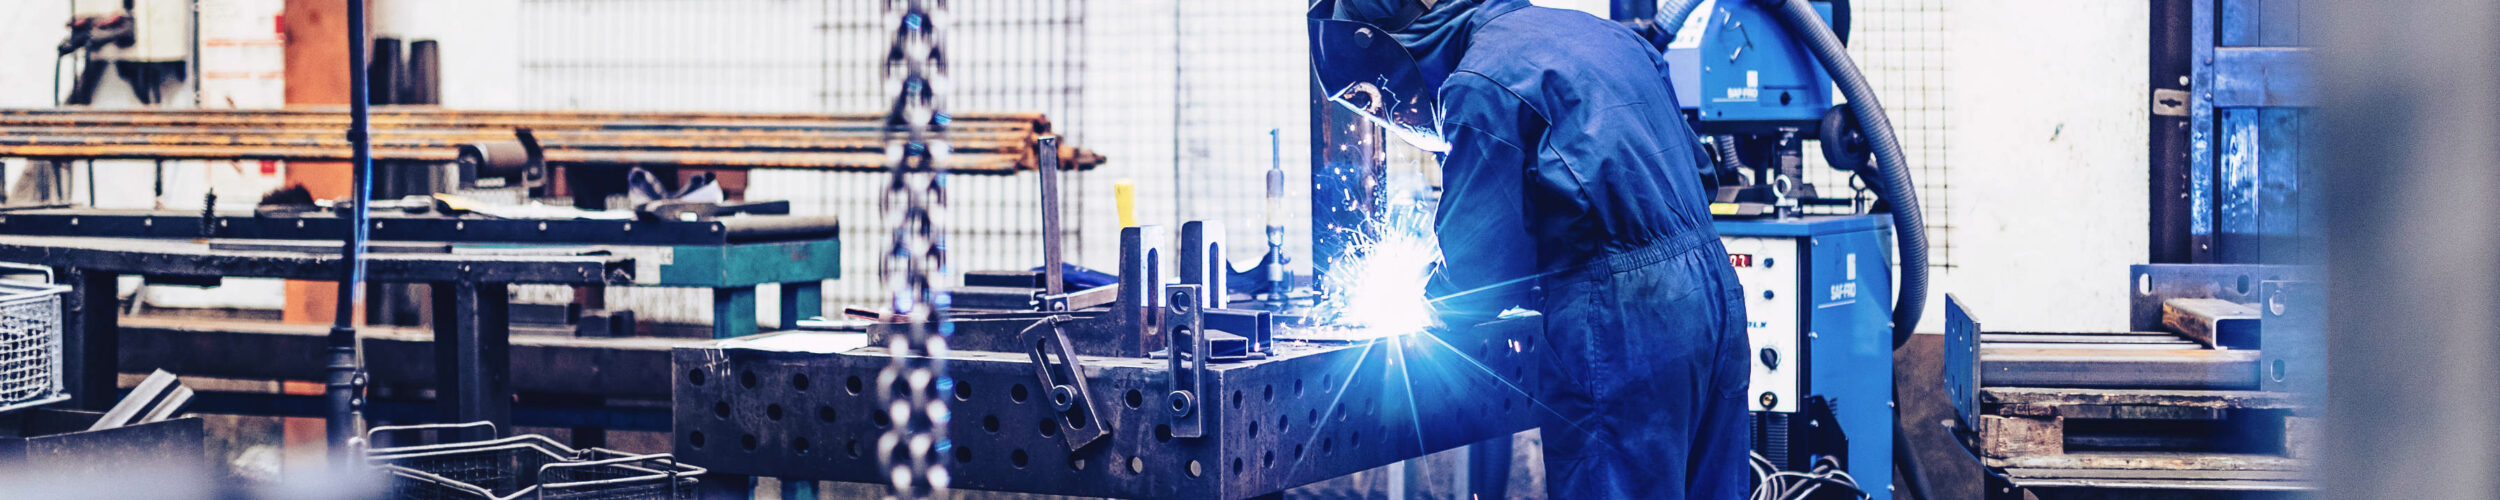 fabrication de barrière et garde-corps entreprise rousseau